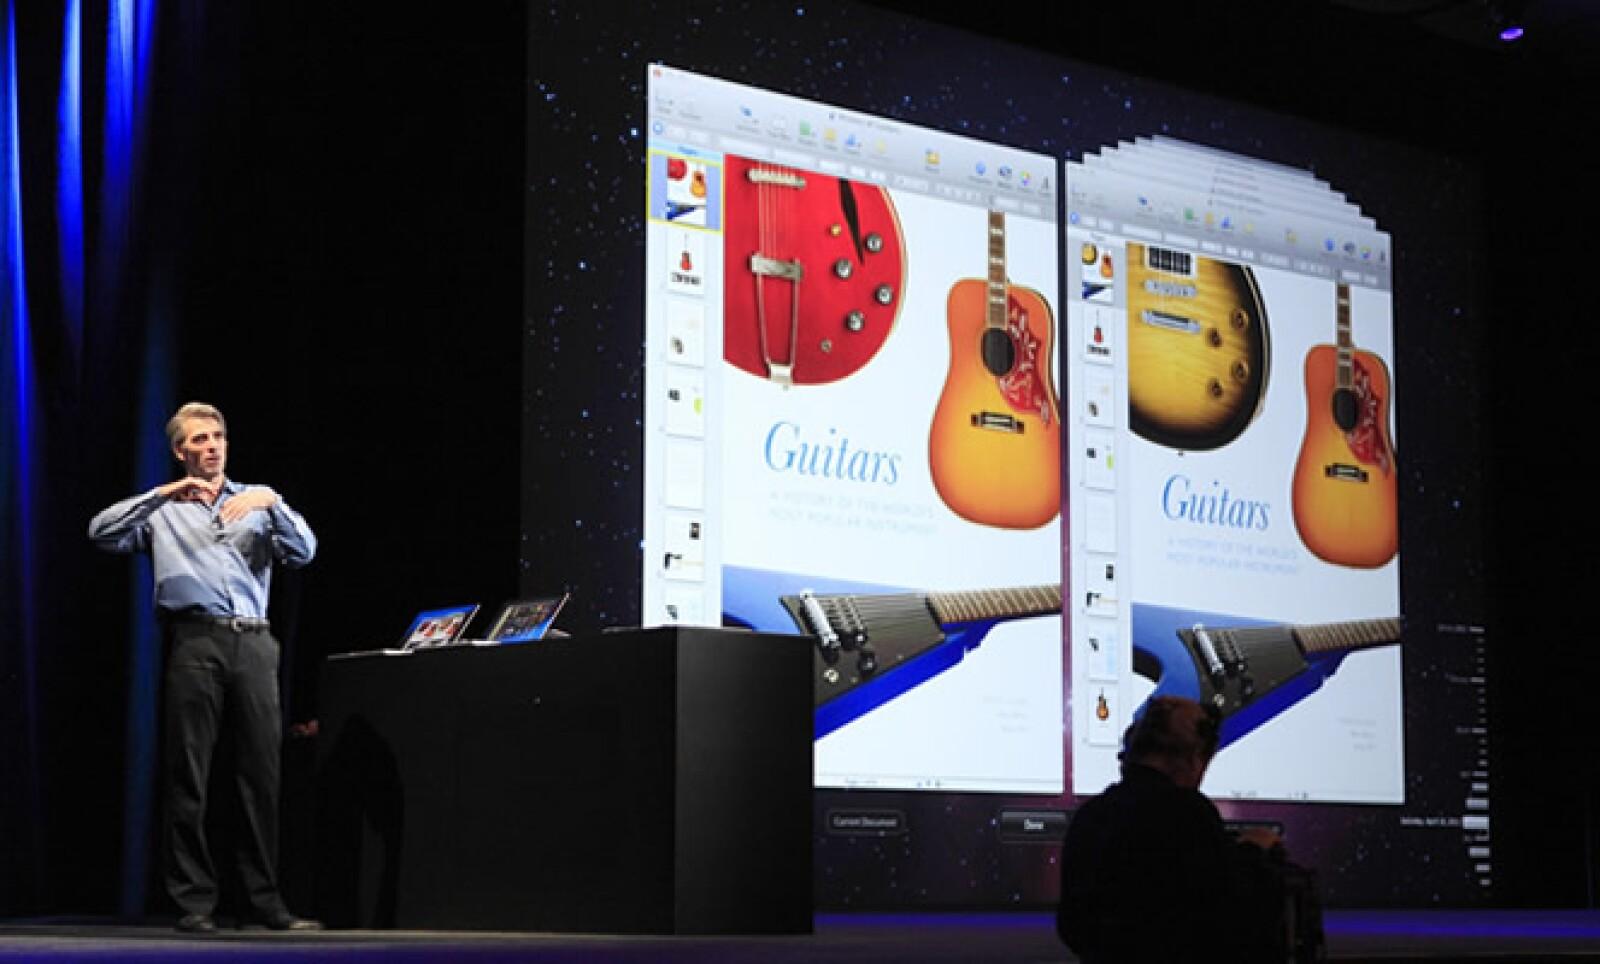 La tecnológica ha colocado más de 130 millones de descargas de su librería virtual, iBookstore.